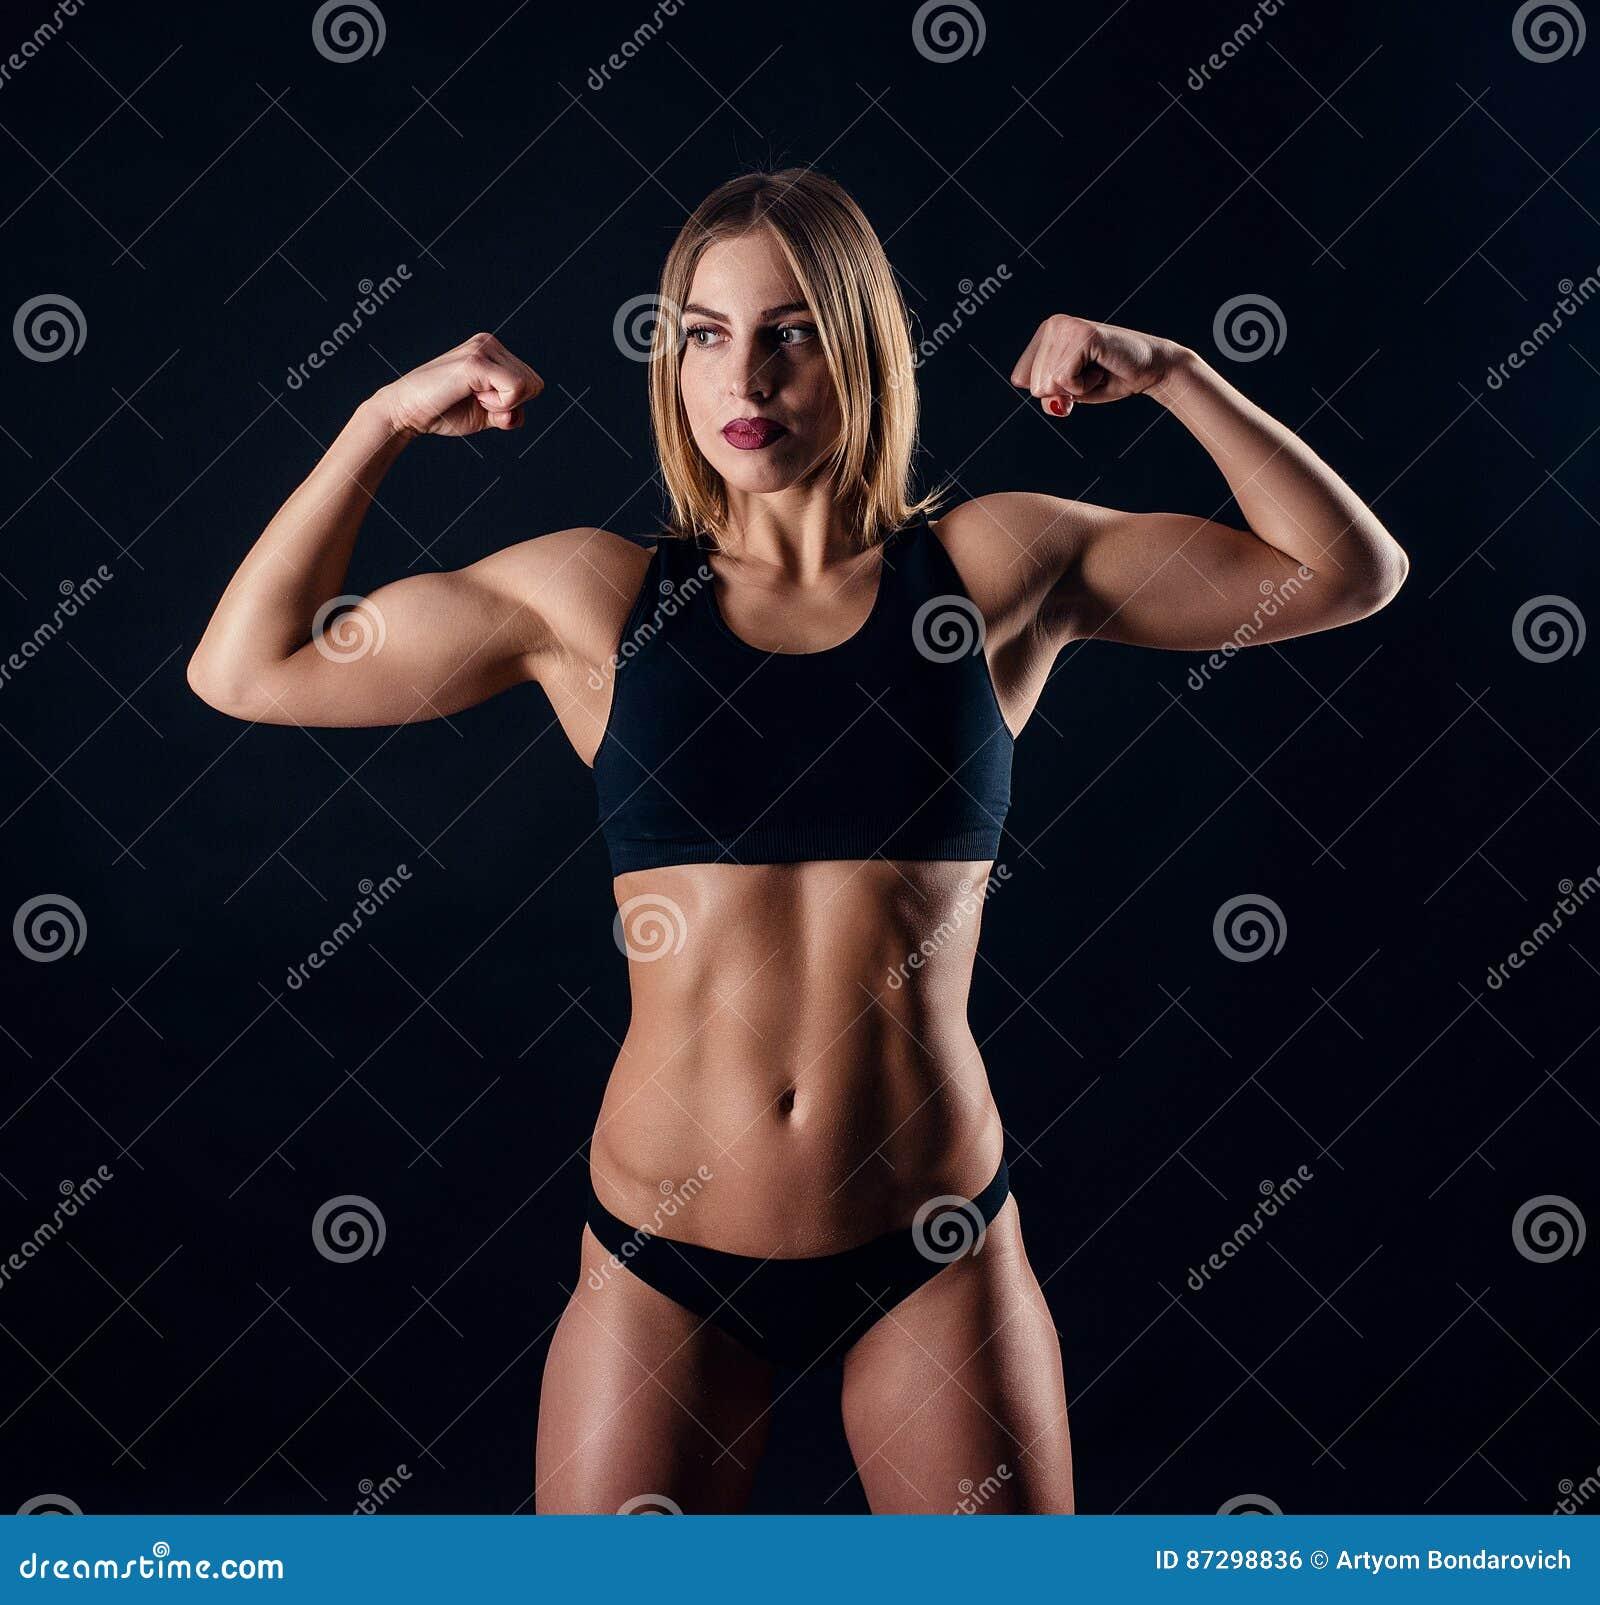 Femmine con grandi